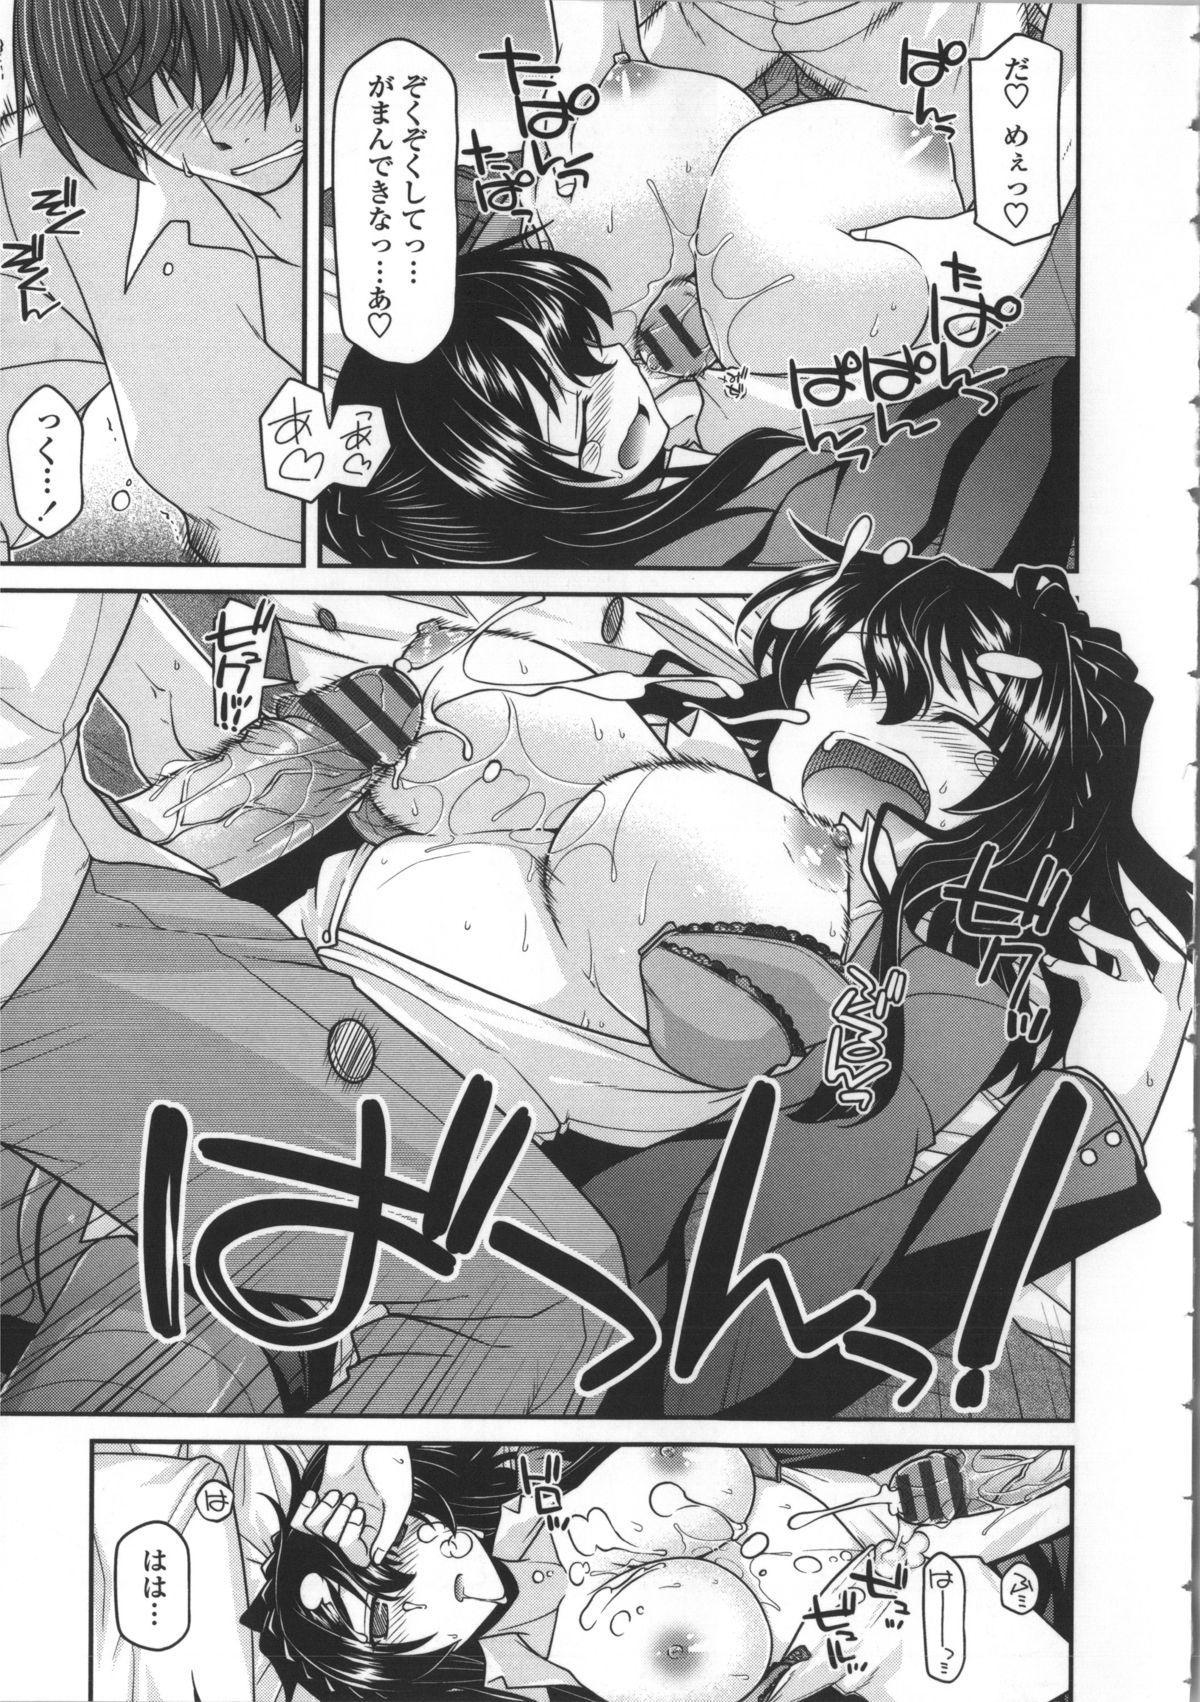 Yamato Nadeshiko Breast Changes 140